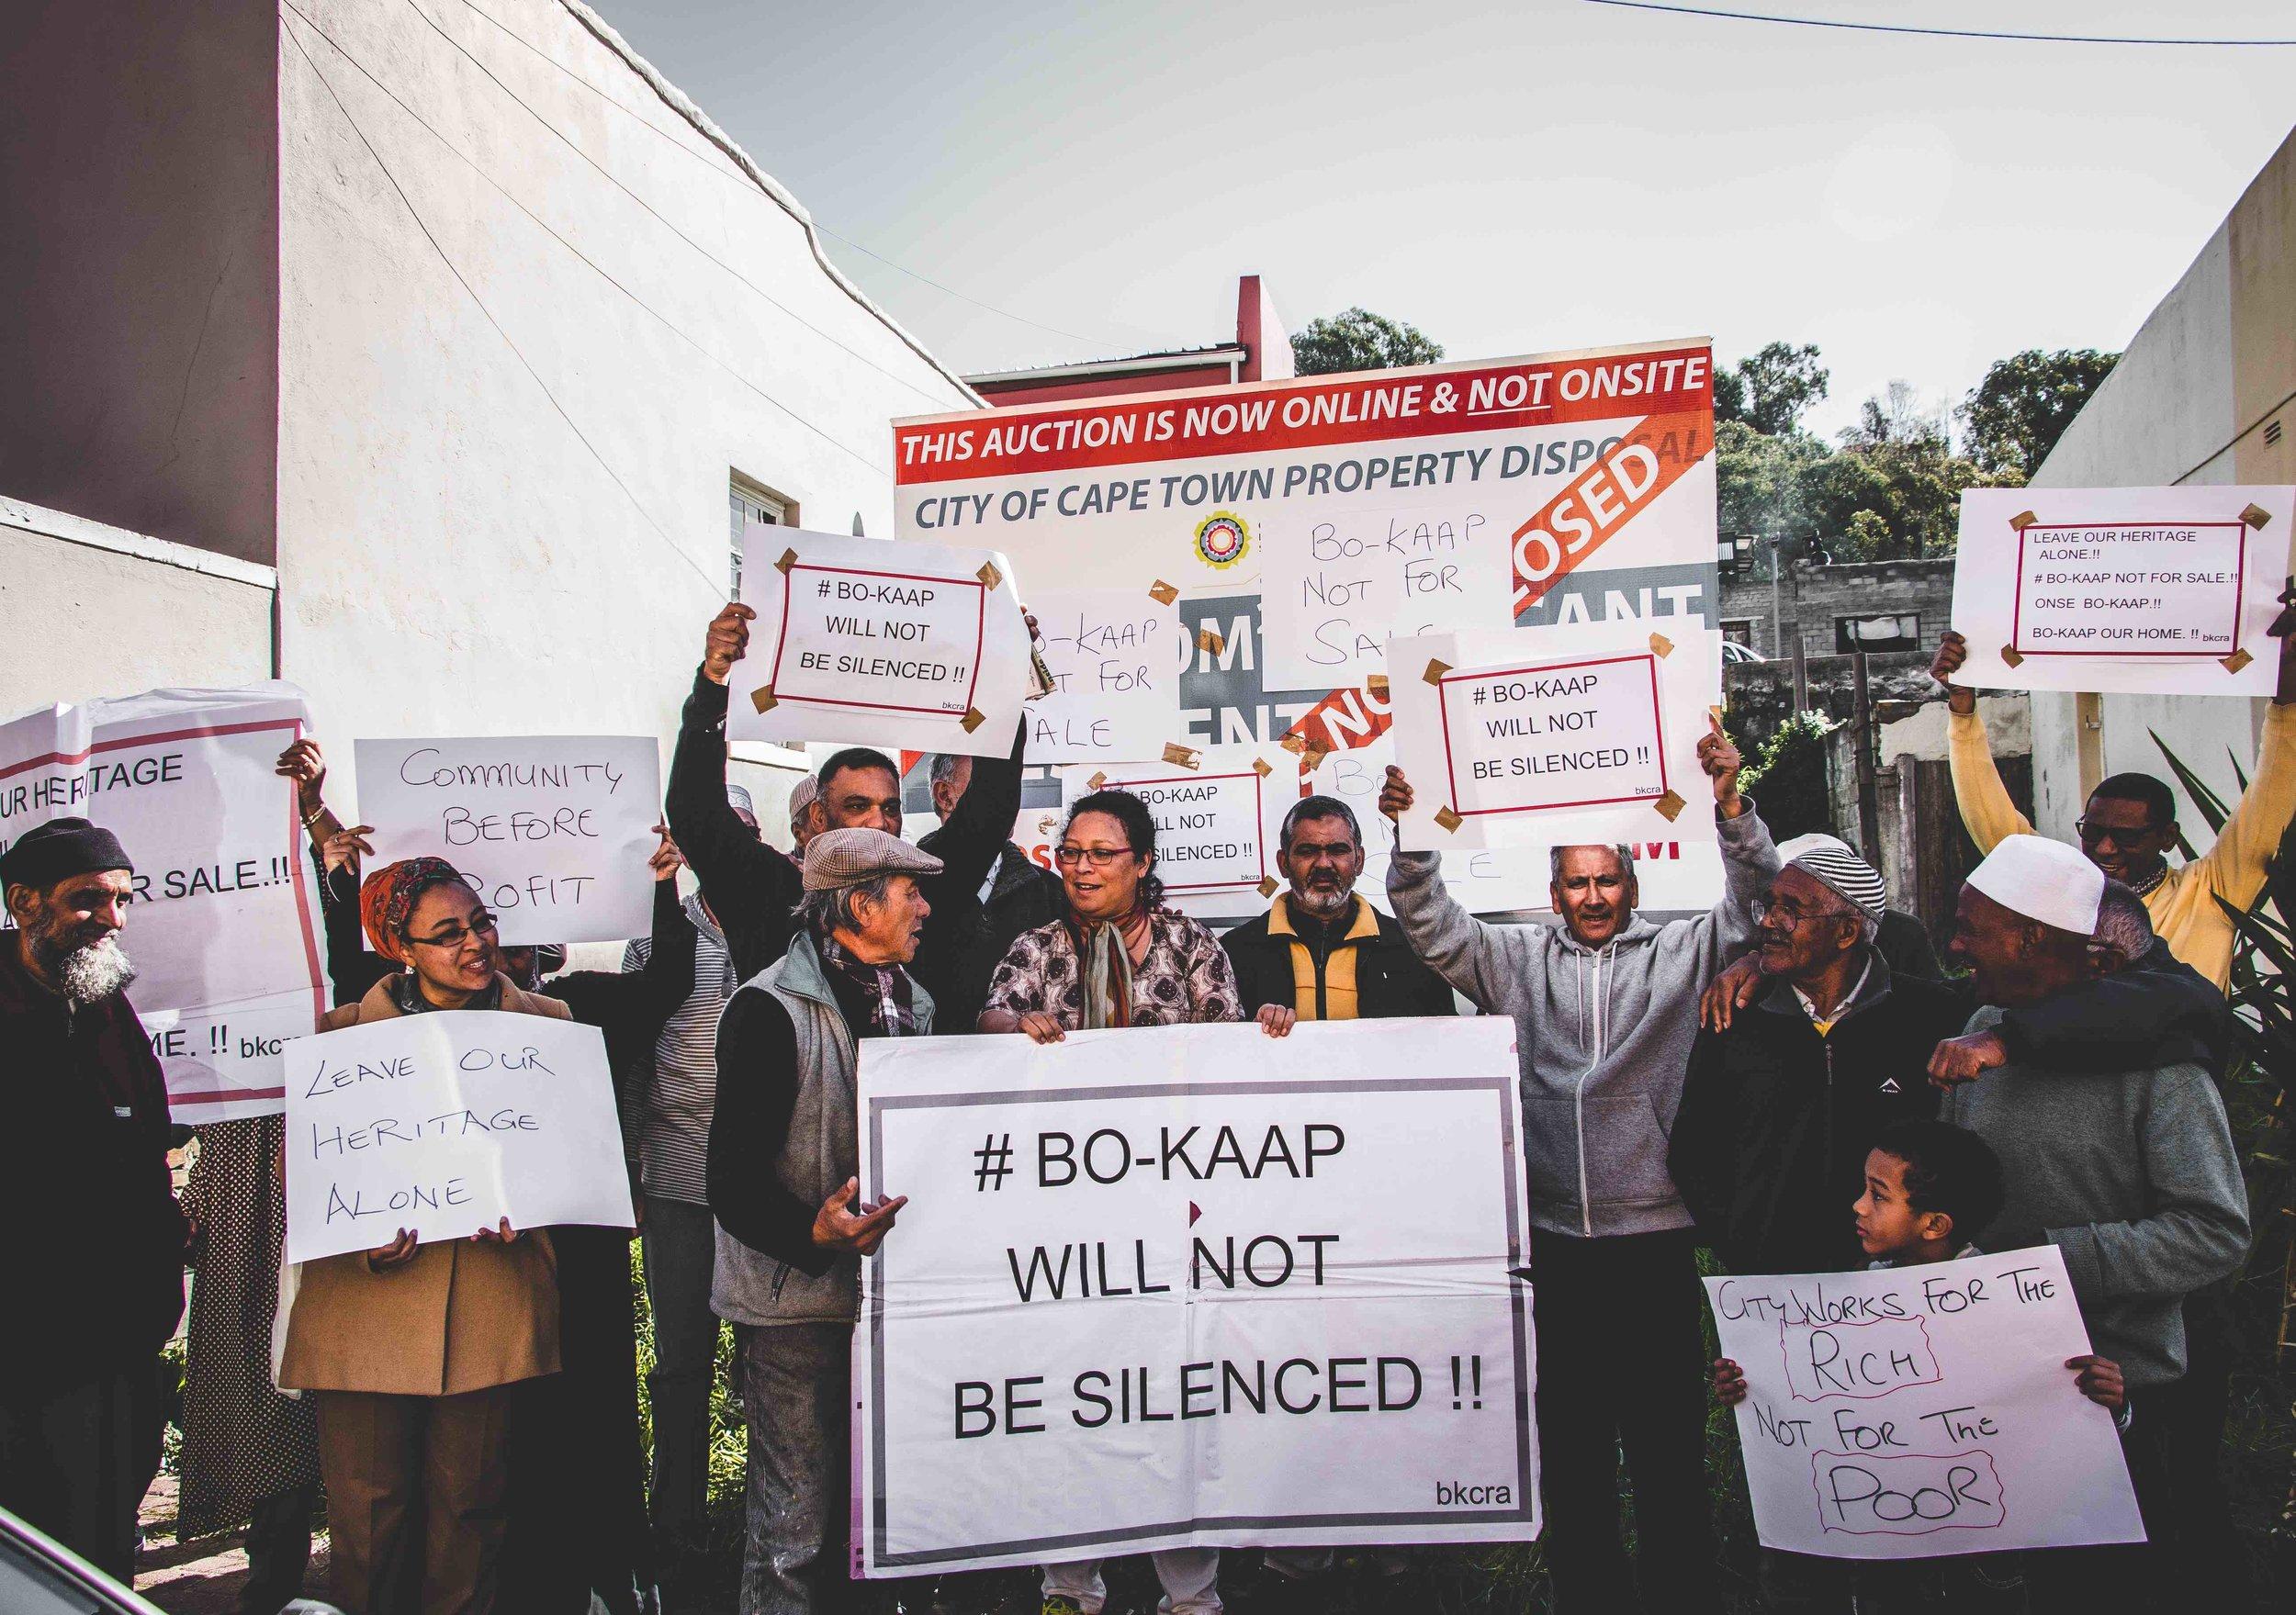 bo-kaap protests copyright applies klyntji hipebeast.jpg